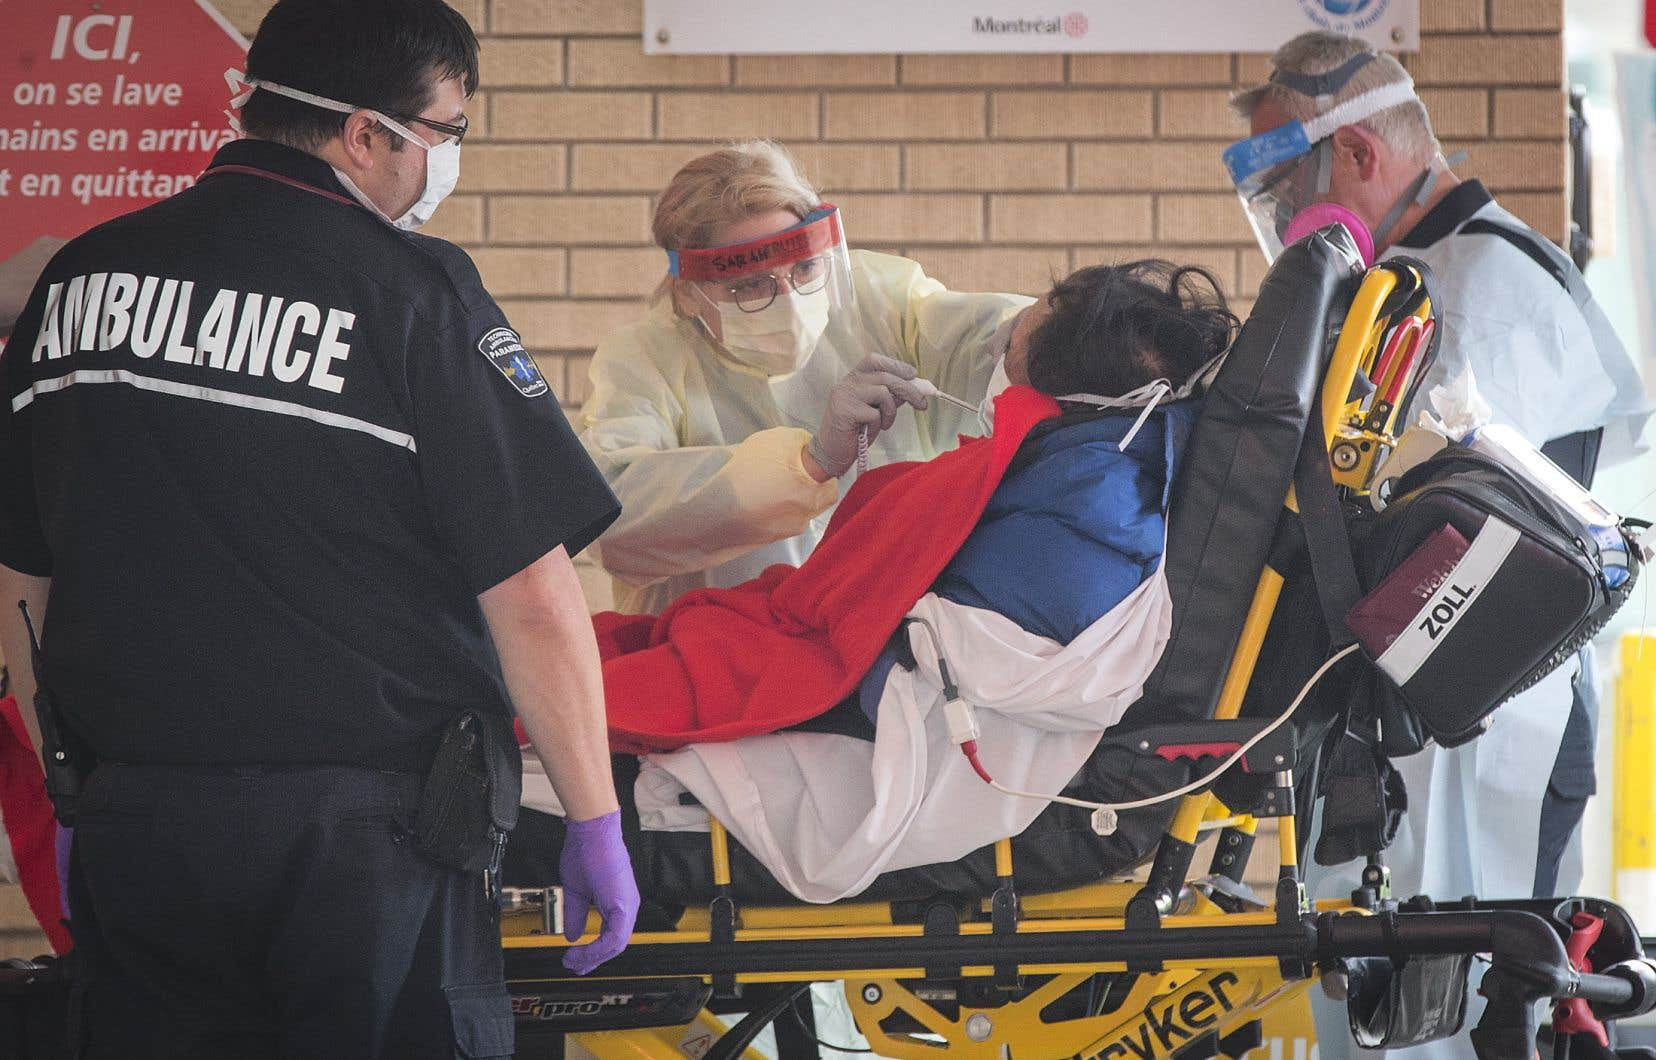 Le Québec a aujourd'hui plus de 35 000 cas de COVID-19 diagnostiqués; c'est plus de la moitié des cas au Canada.